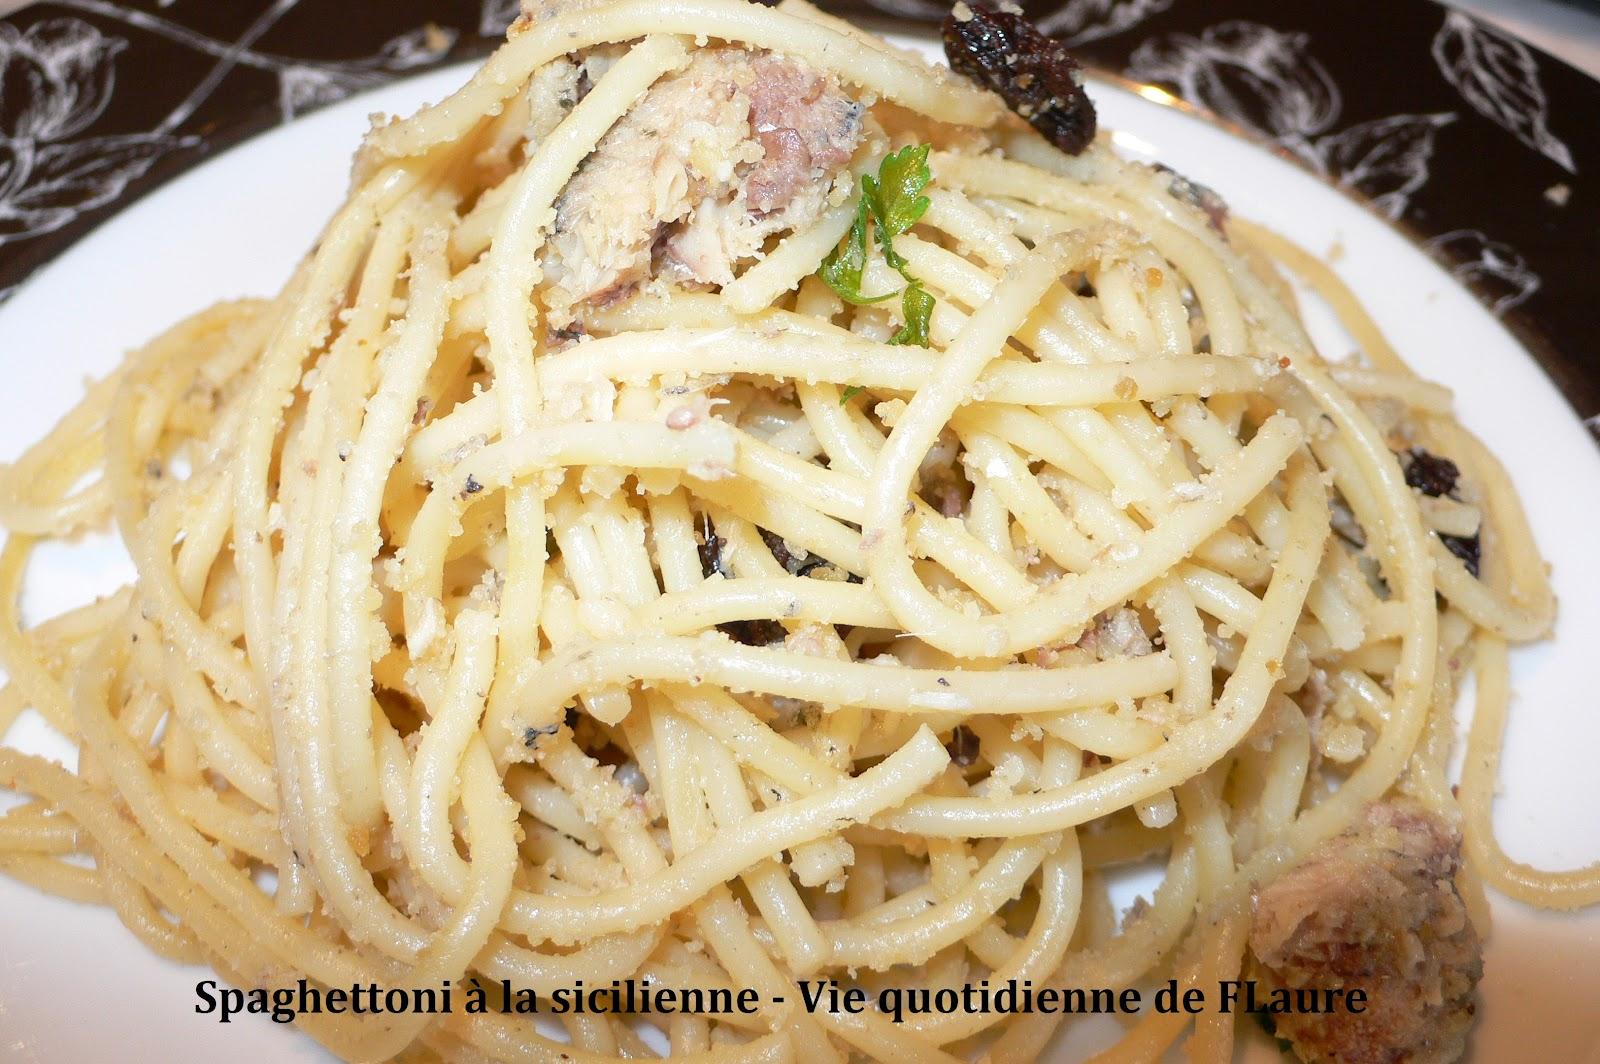 Spaghettoni la sicilienne blogs de cuisine - Blog cuisine sicilienne ...